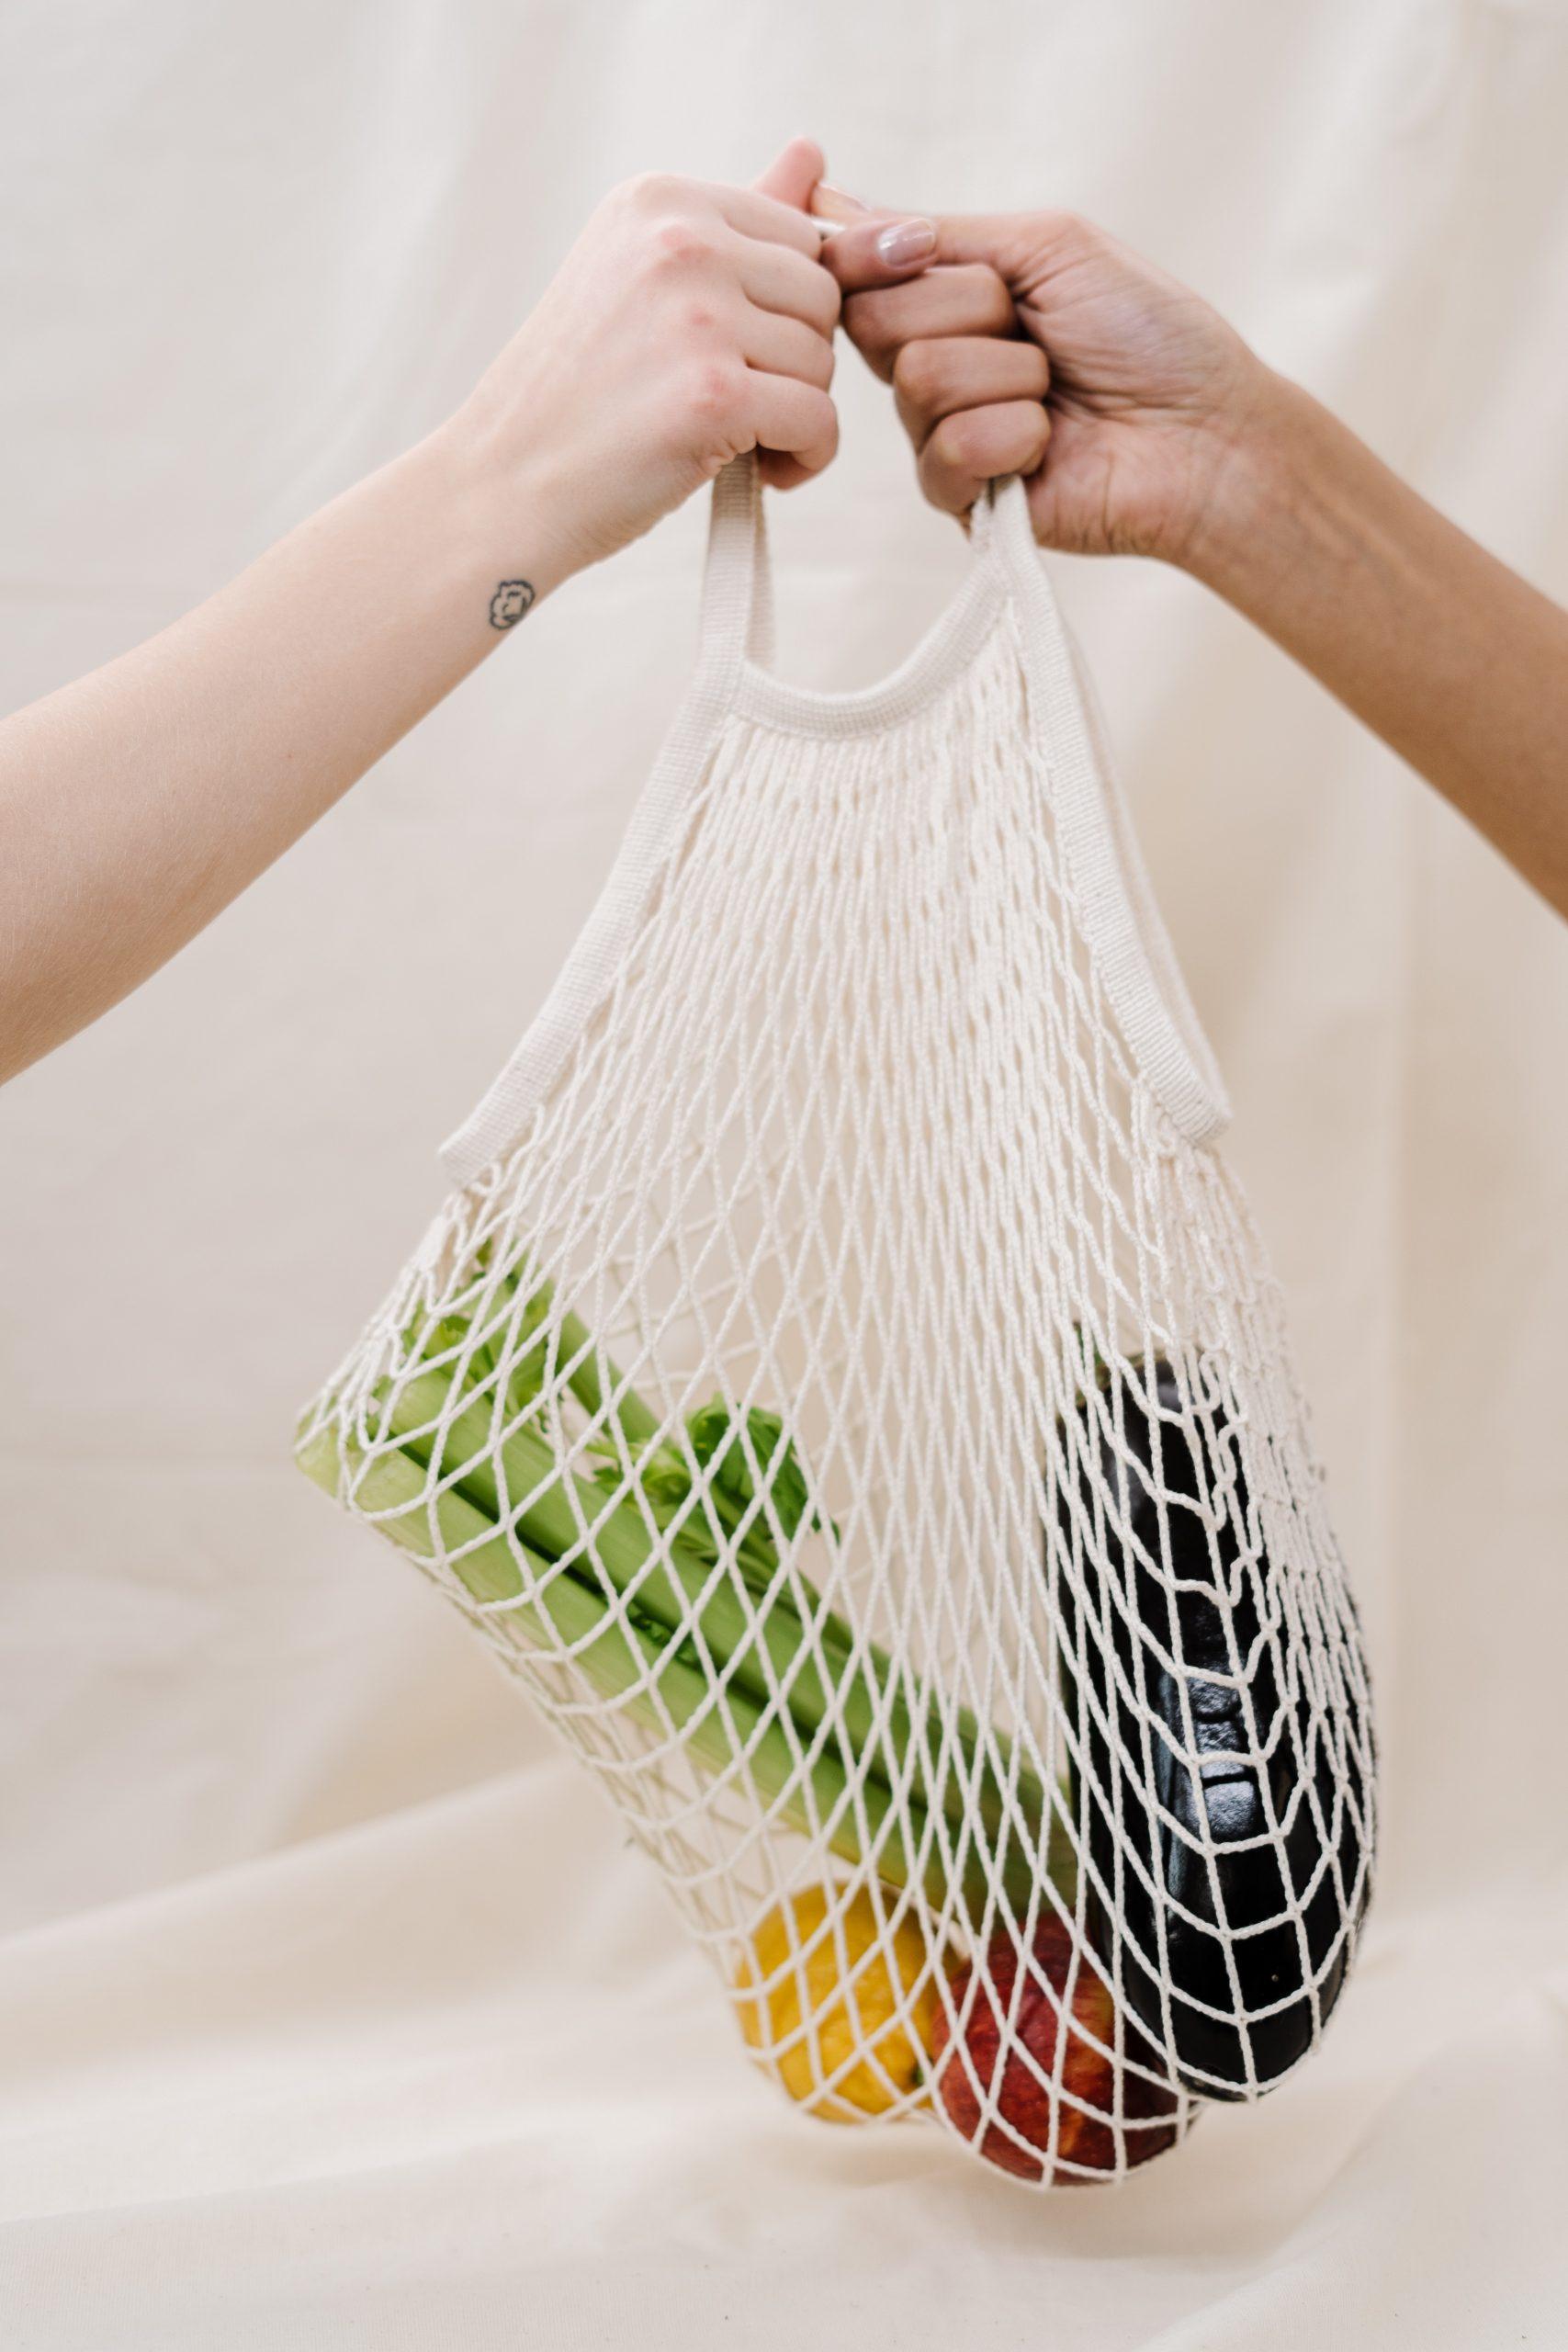 vegetables-inside-a-net-bag-3737611-scaled